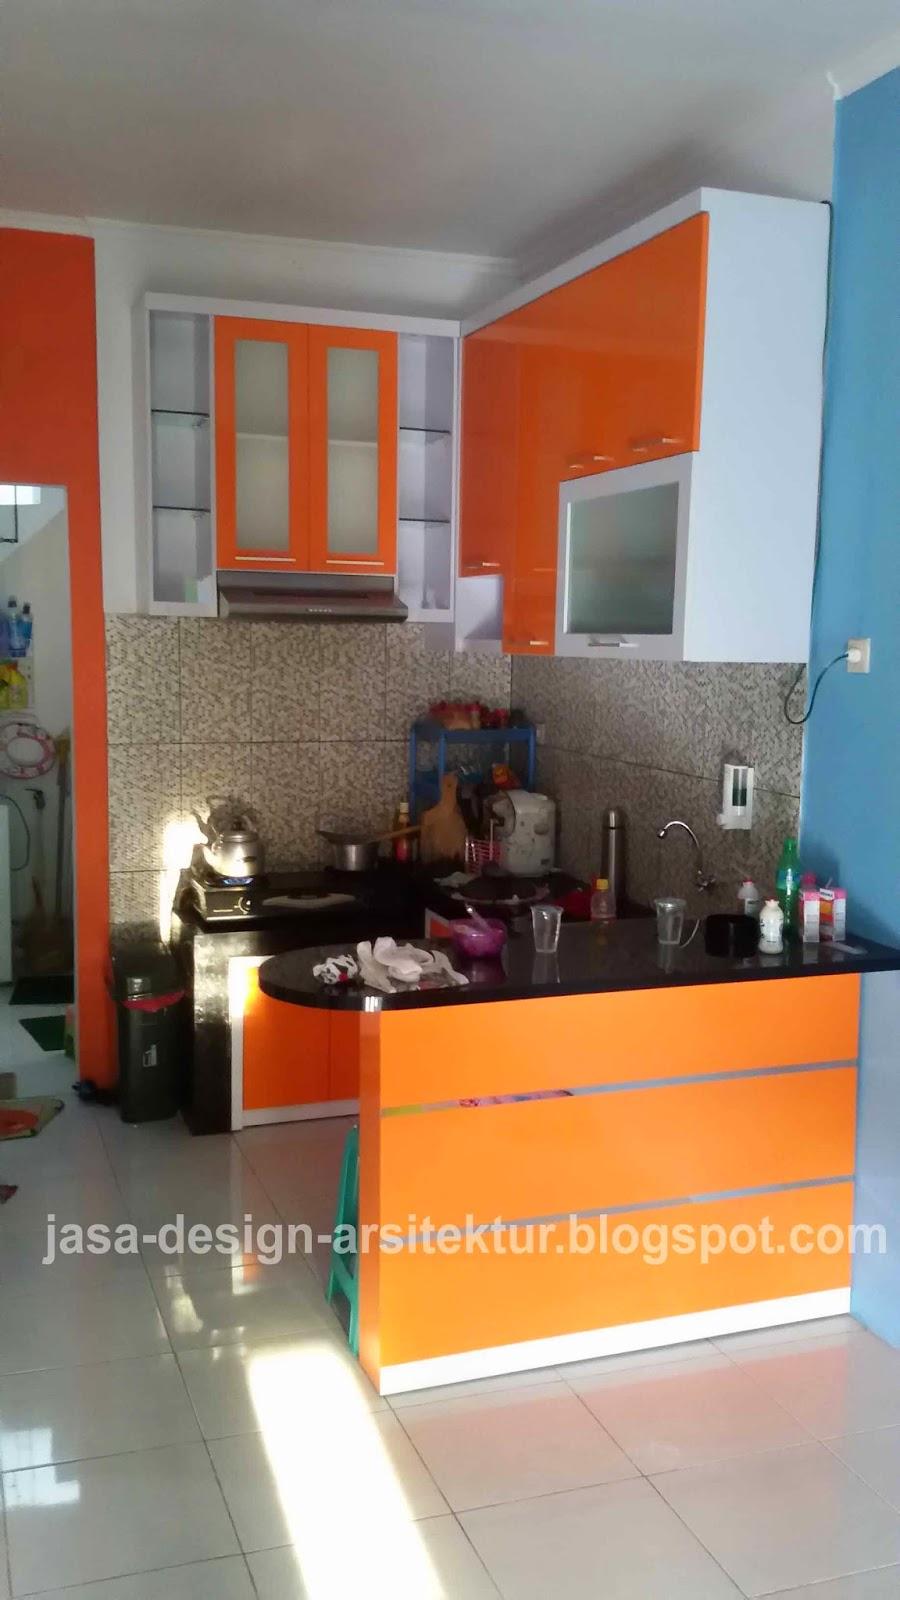 Desain Kitchen Set Warna Orange Kombinasi Putih